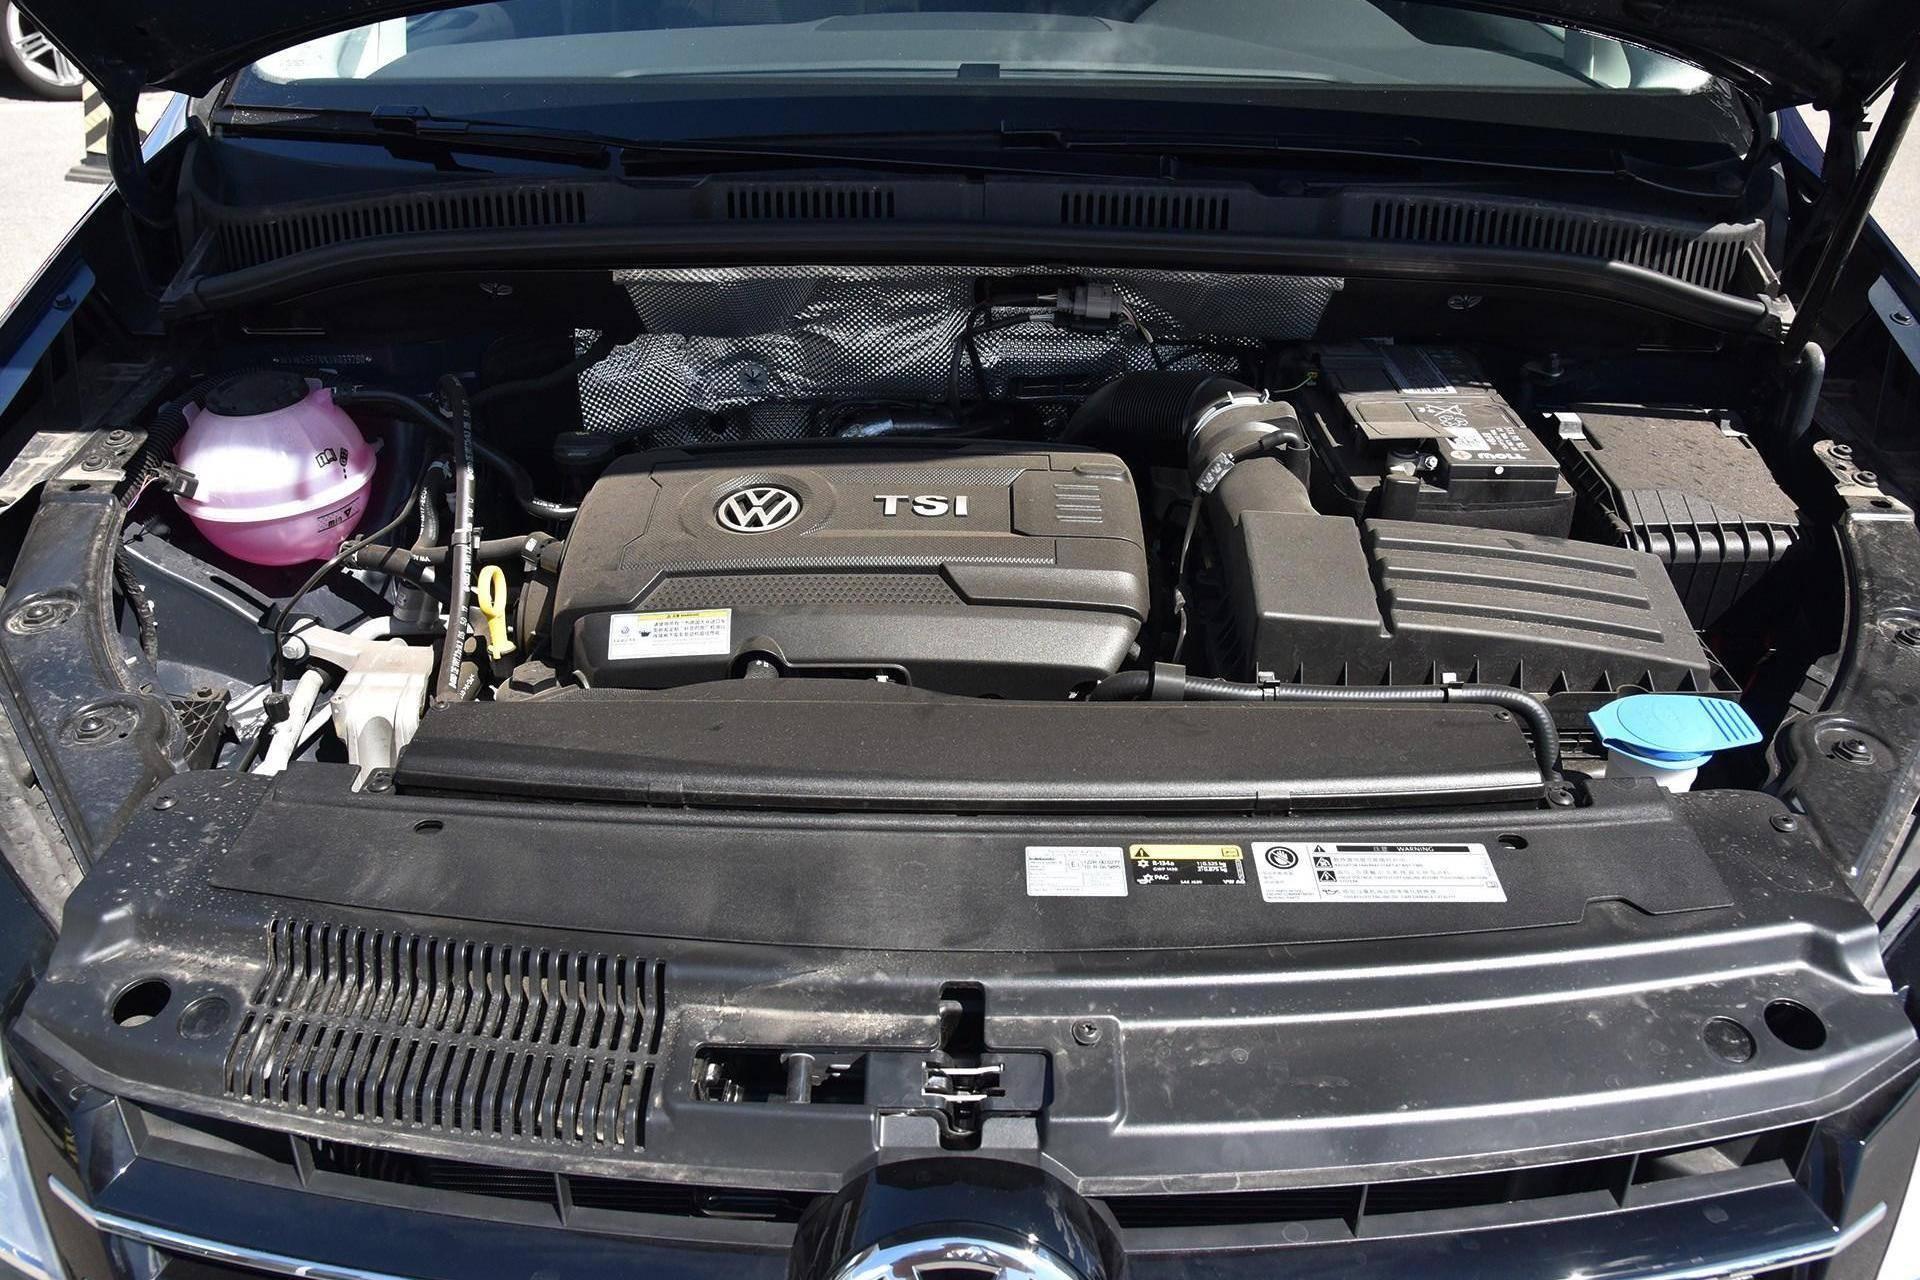 27万进口全真皮,能装2,297L,高尔夫GTI引擎,破百比X3快